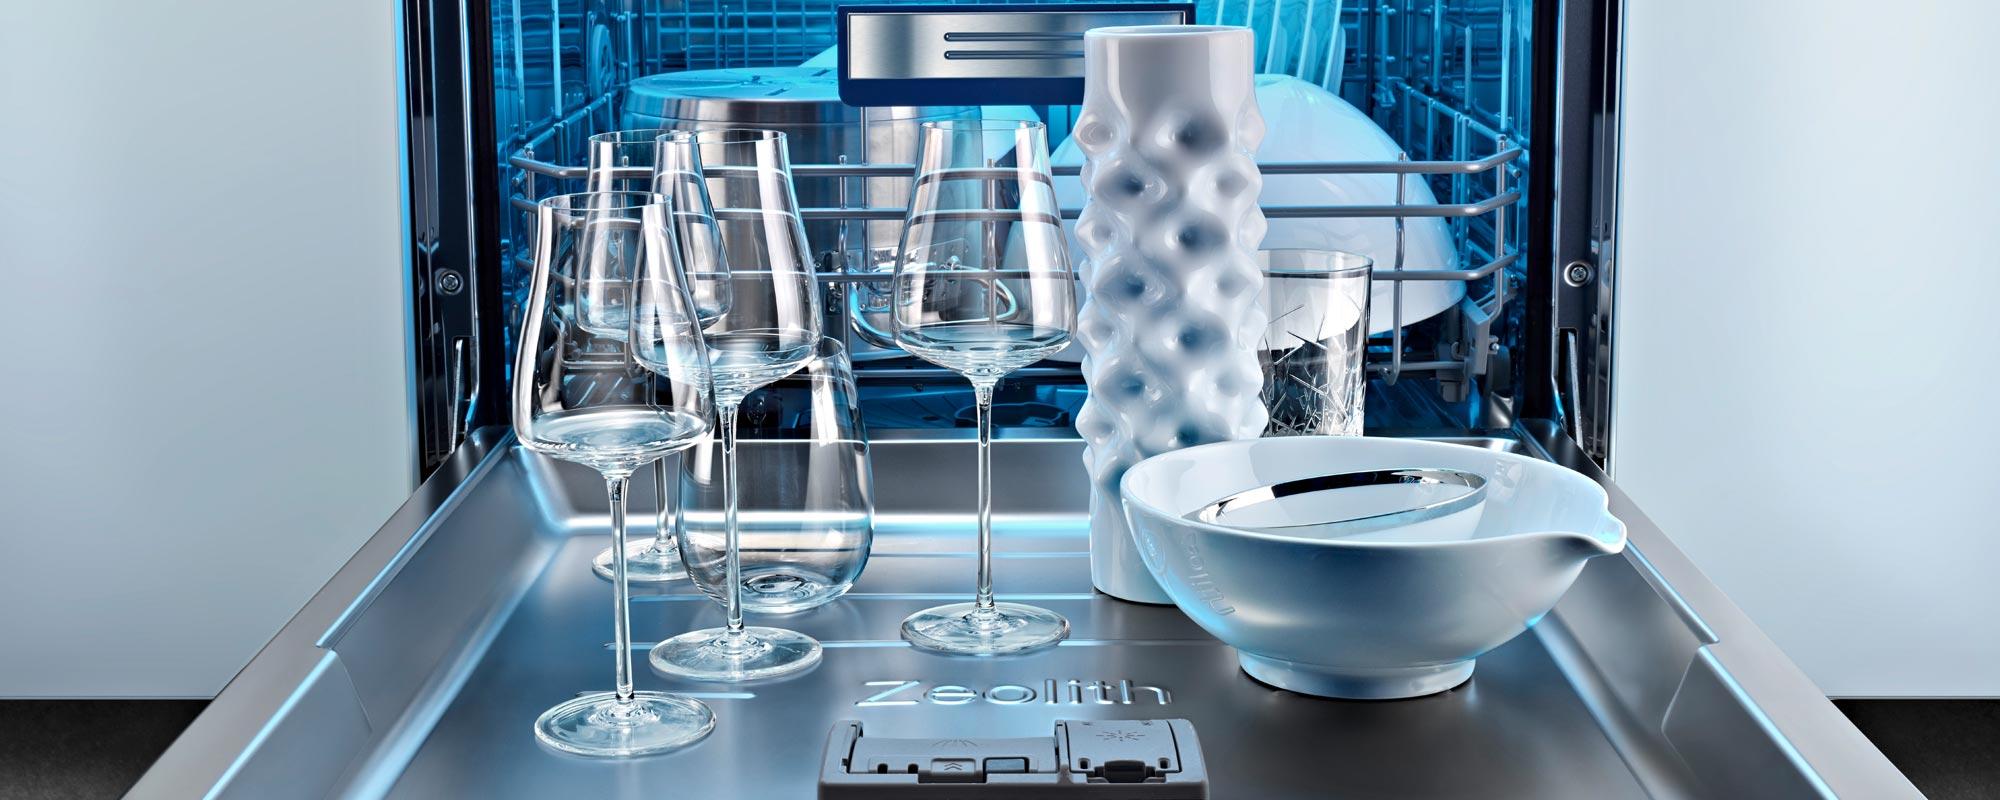 nieuwe-vaatwasser-van-Siemens-de-vaatwasser-van-de-toekomst